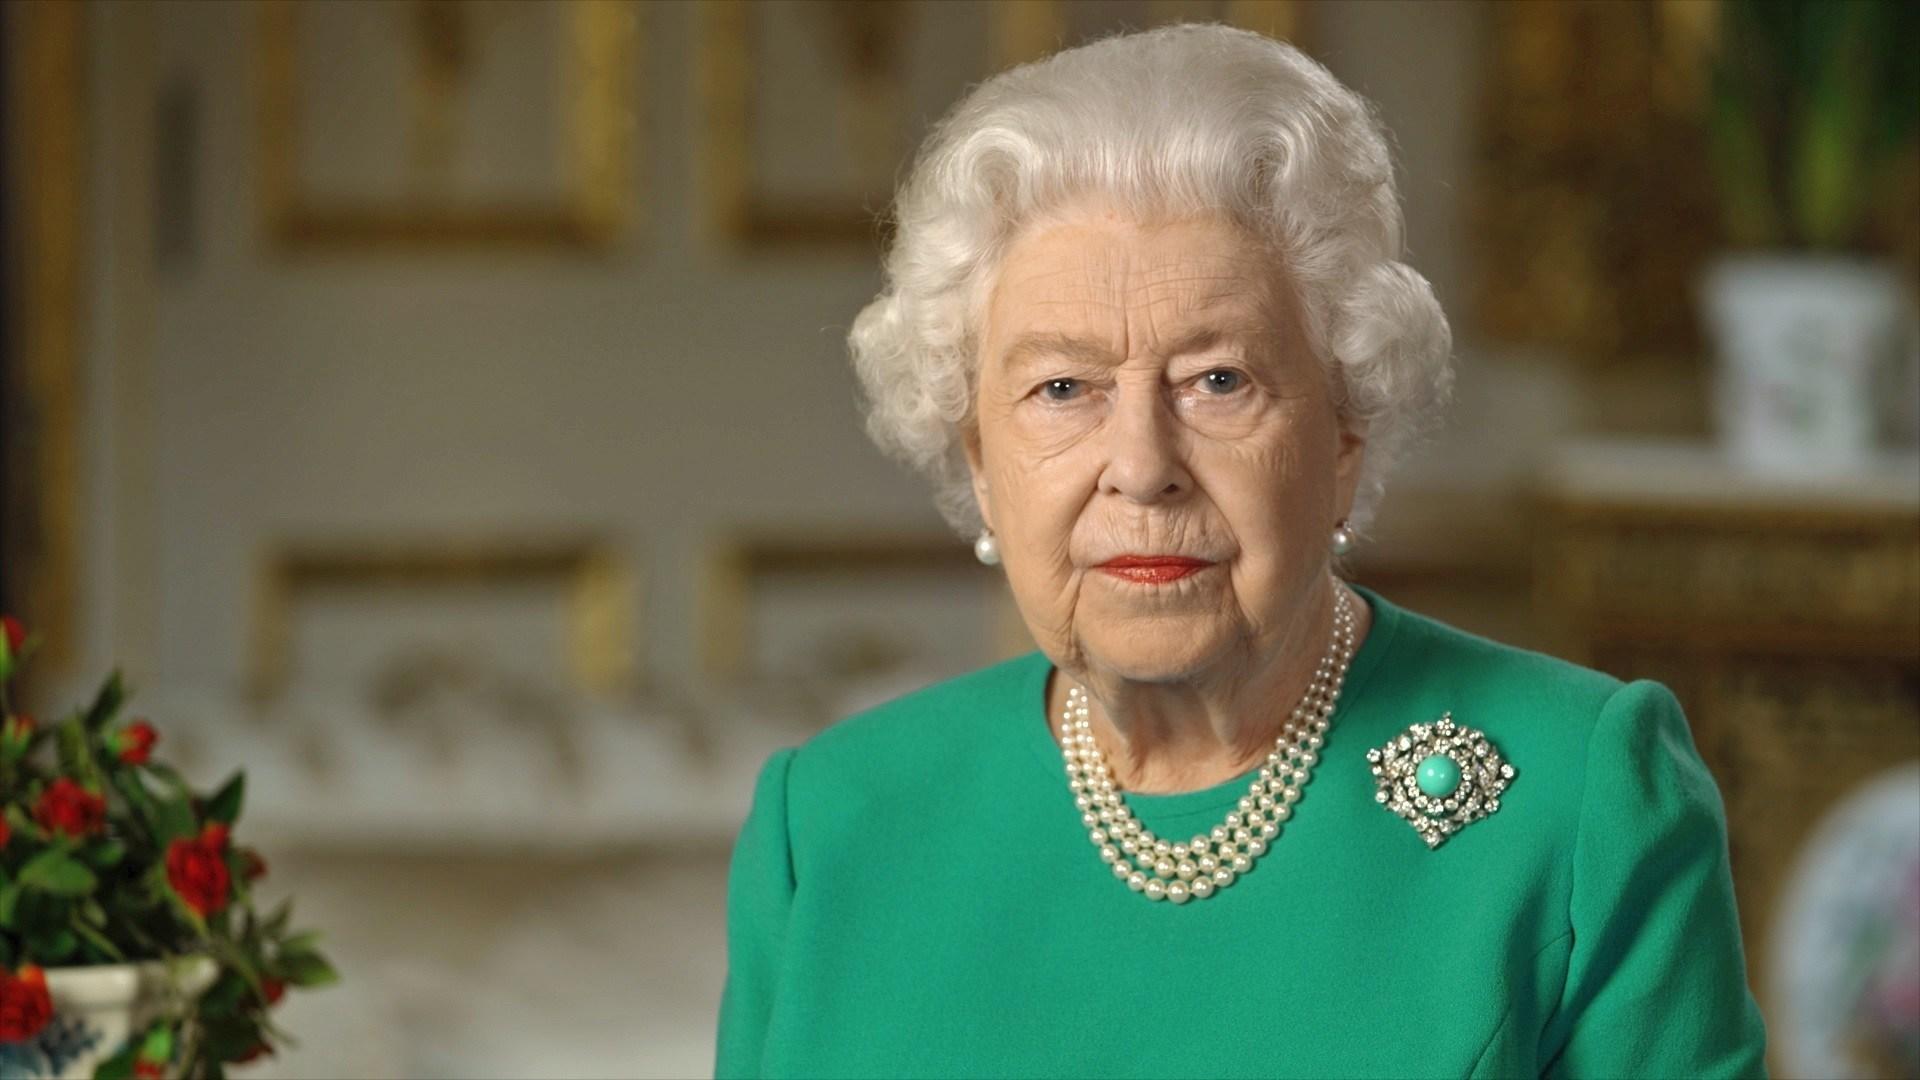 Reina Isabel II dice al pueblo Vendrán mejores días